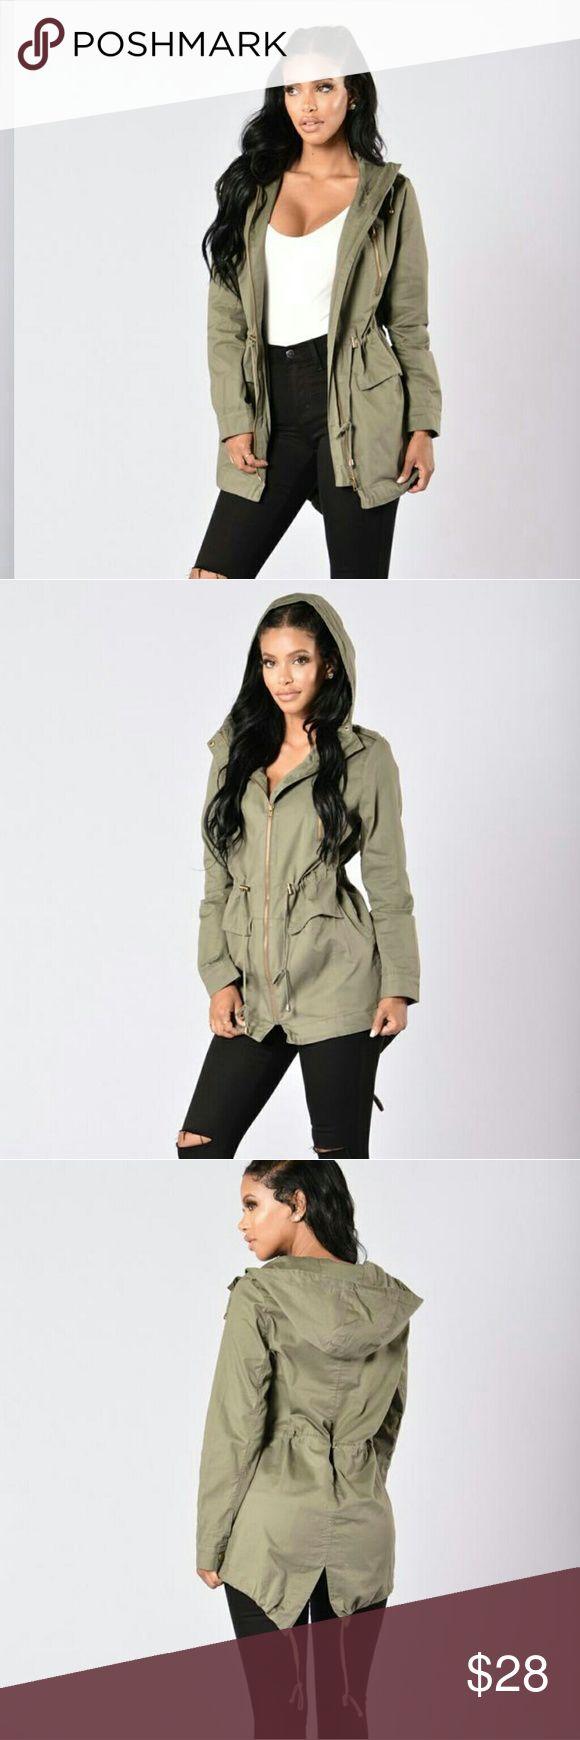 FASHION NOVA Olive Jacket Color olive. Used a few times Fashion Nova Jackets & Coats